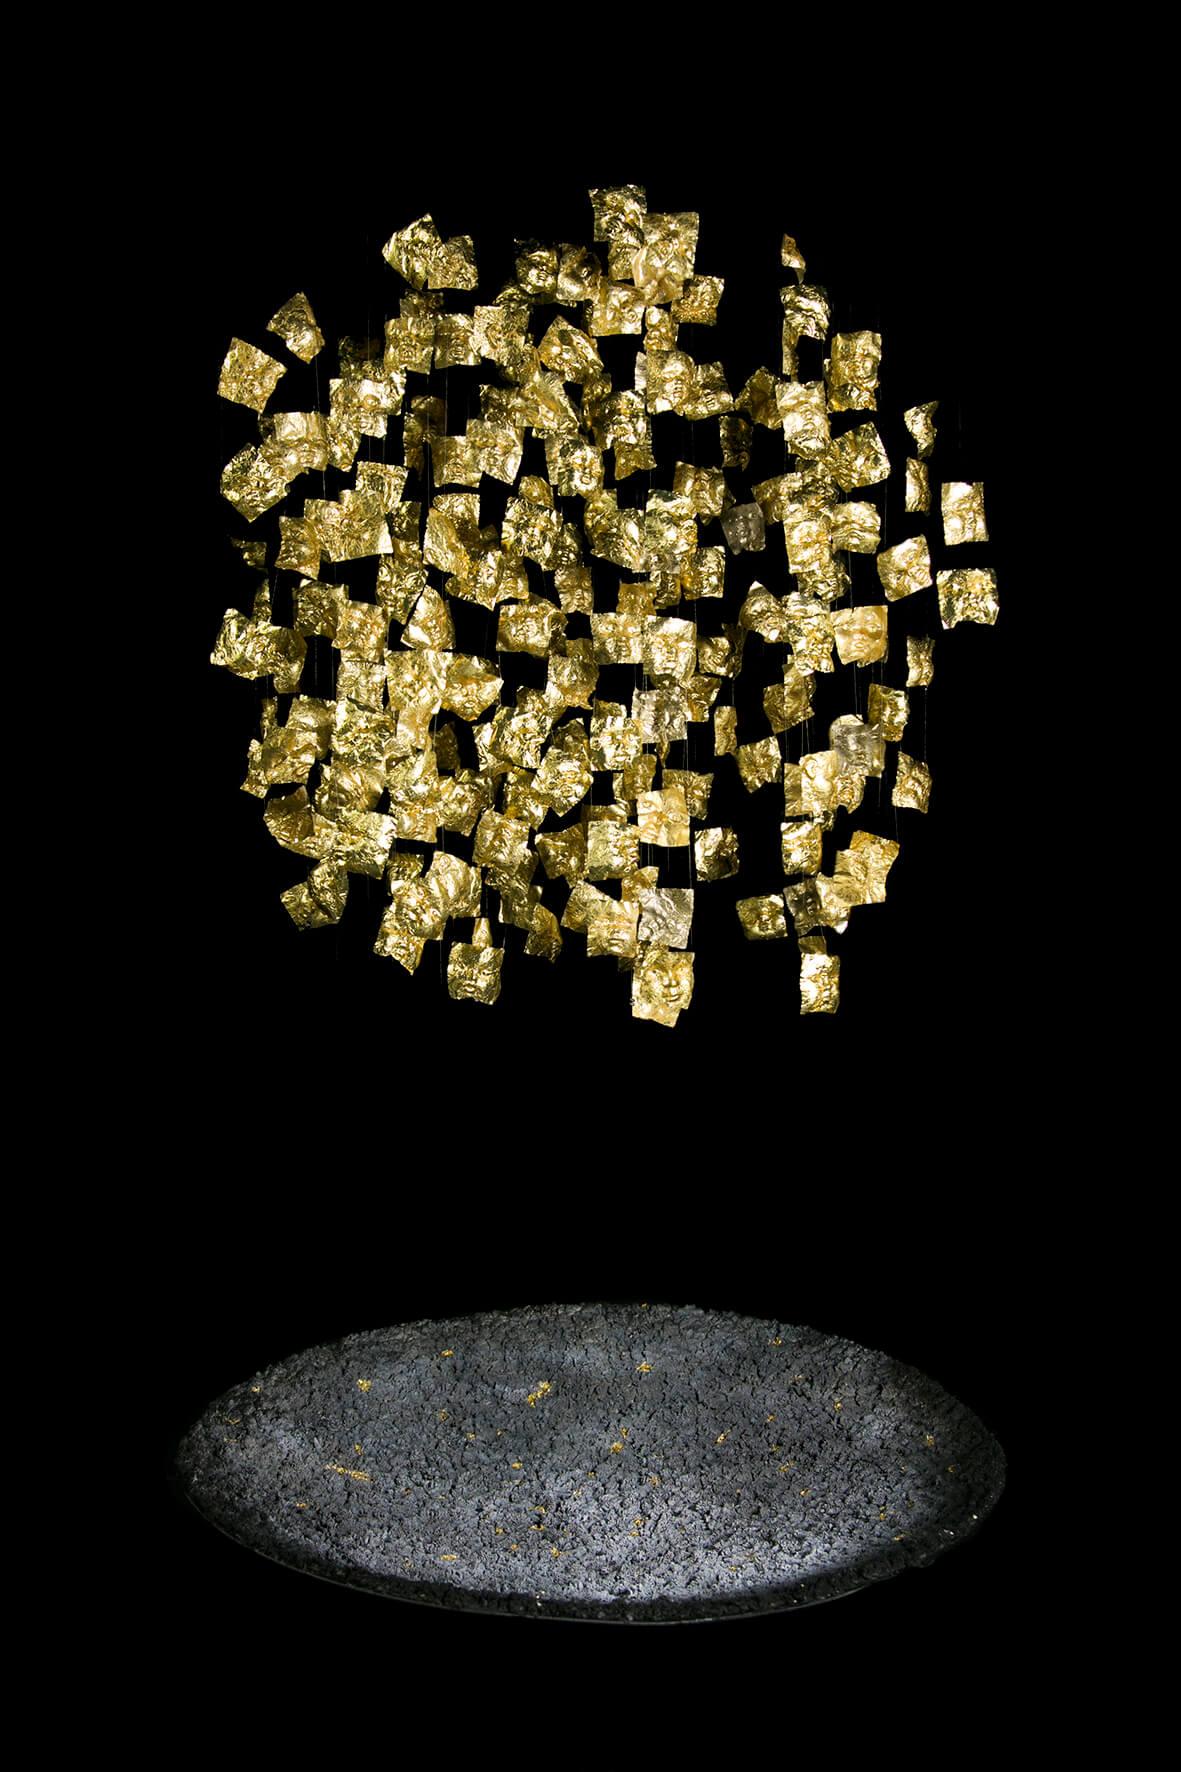 דנה בלום, הביאנלה לעיצוב במוז״א. צילום: הדר סייפן